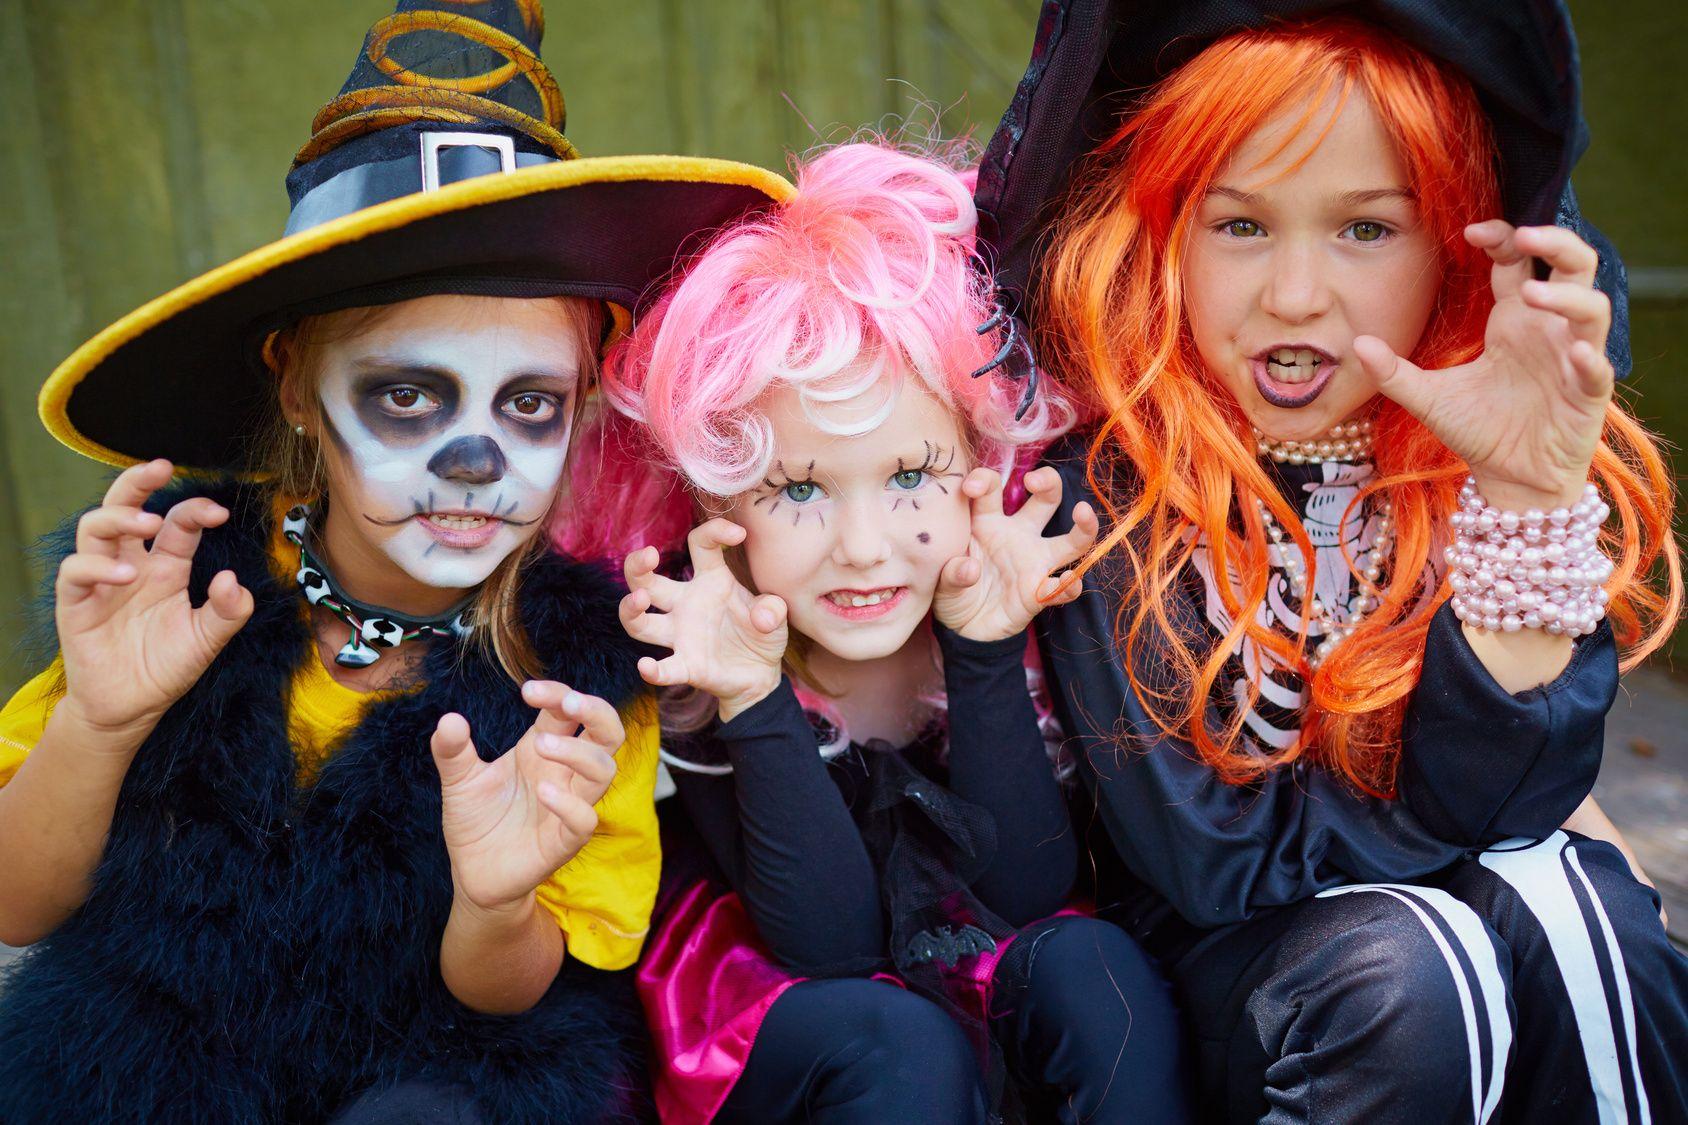 El 66% de los colombianos celebrará Halloween de acuerdo a Fenalco